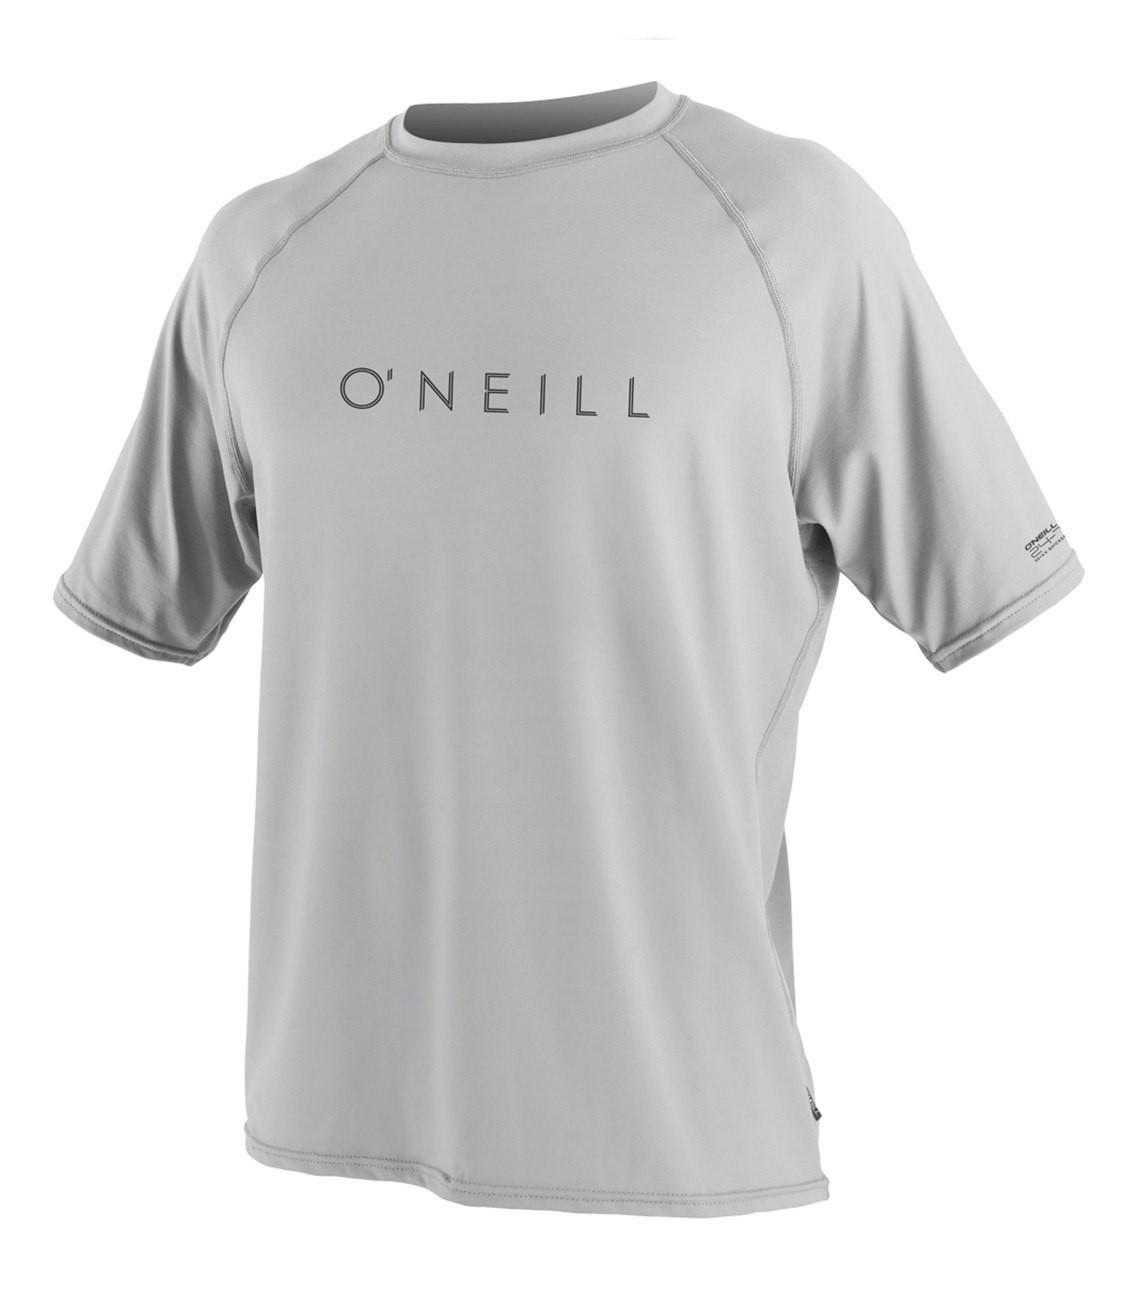 oneill men's short sleeve rash guard lunar